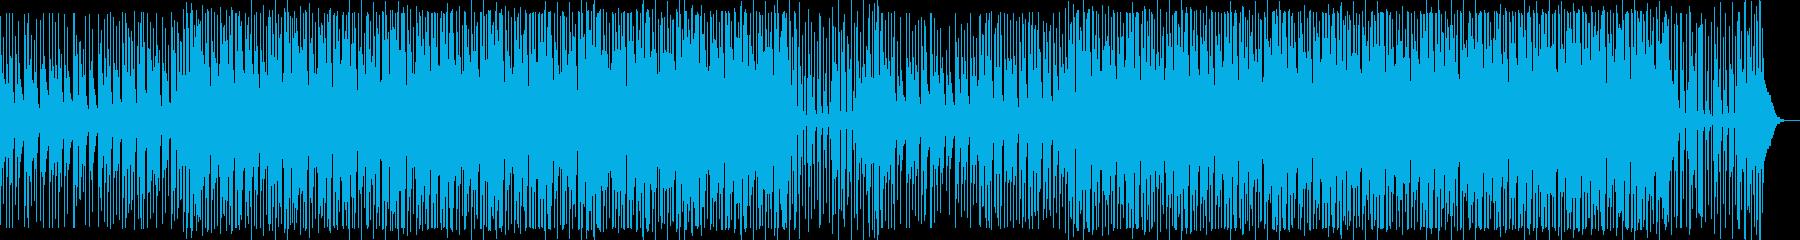 おもちゃ感あるほんわか明るい日常系BGMの再生済みの波形